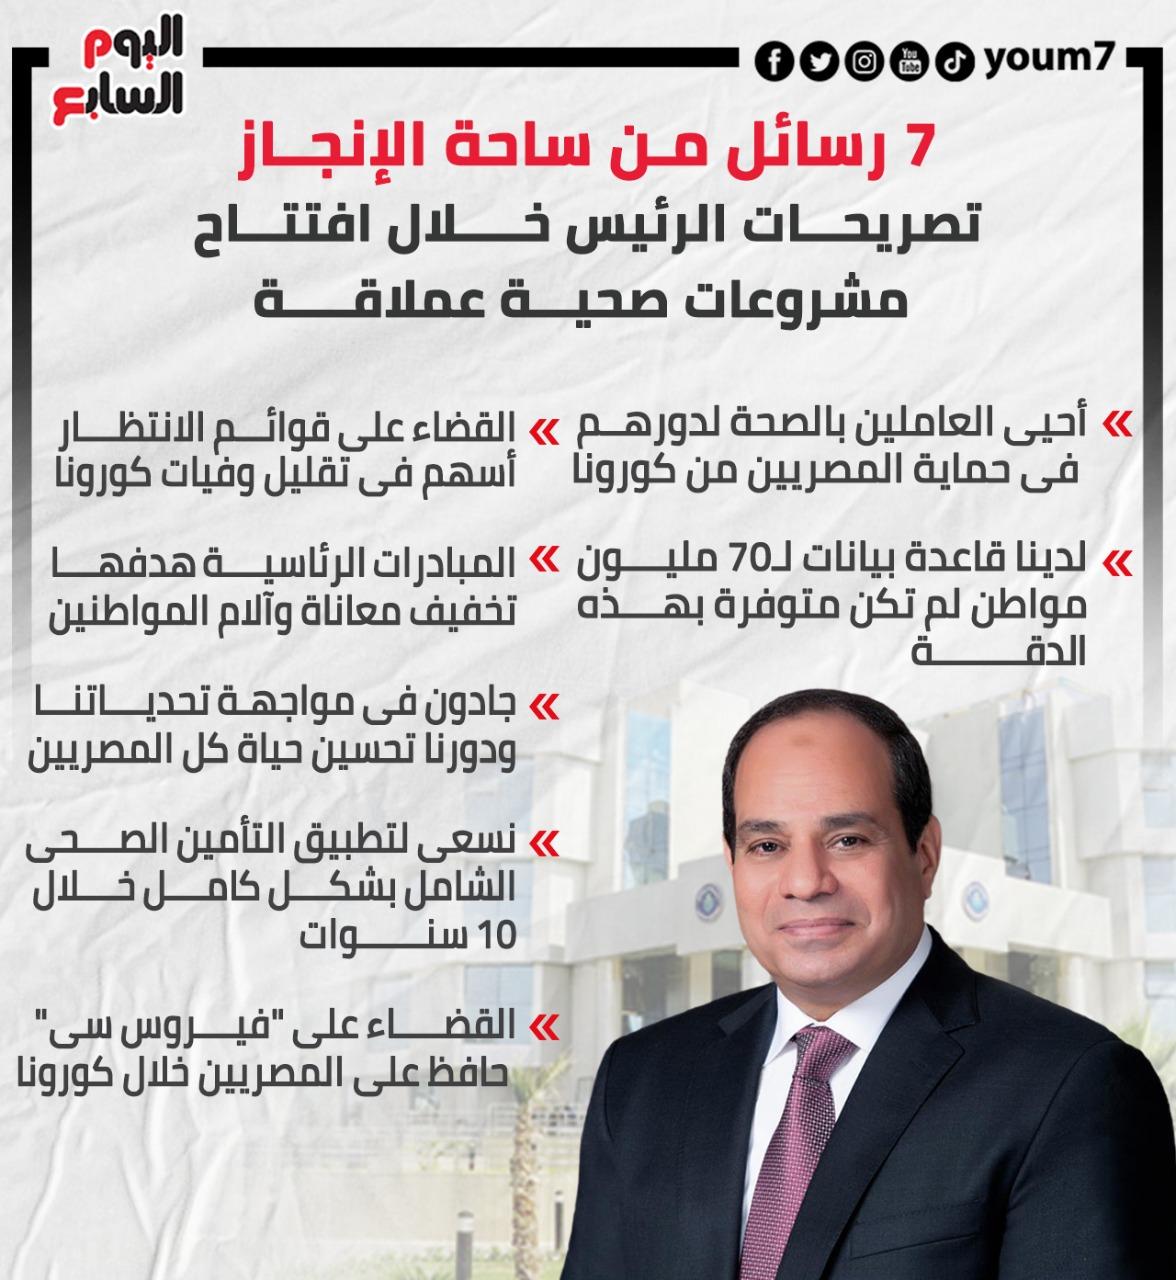 تصريحات السيسى فى افتتاح مجمع الإسماعيلية الطبى ومشروعات قطاع الصحة